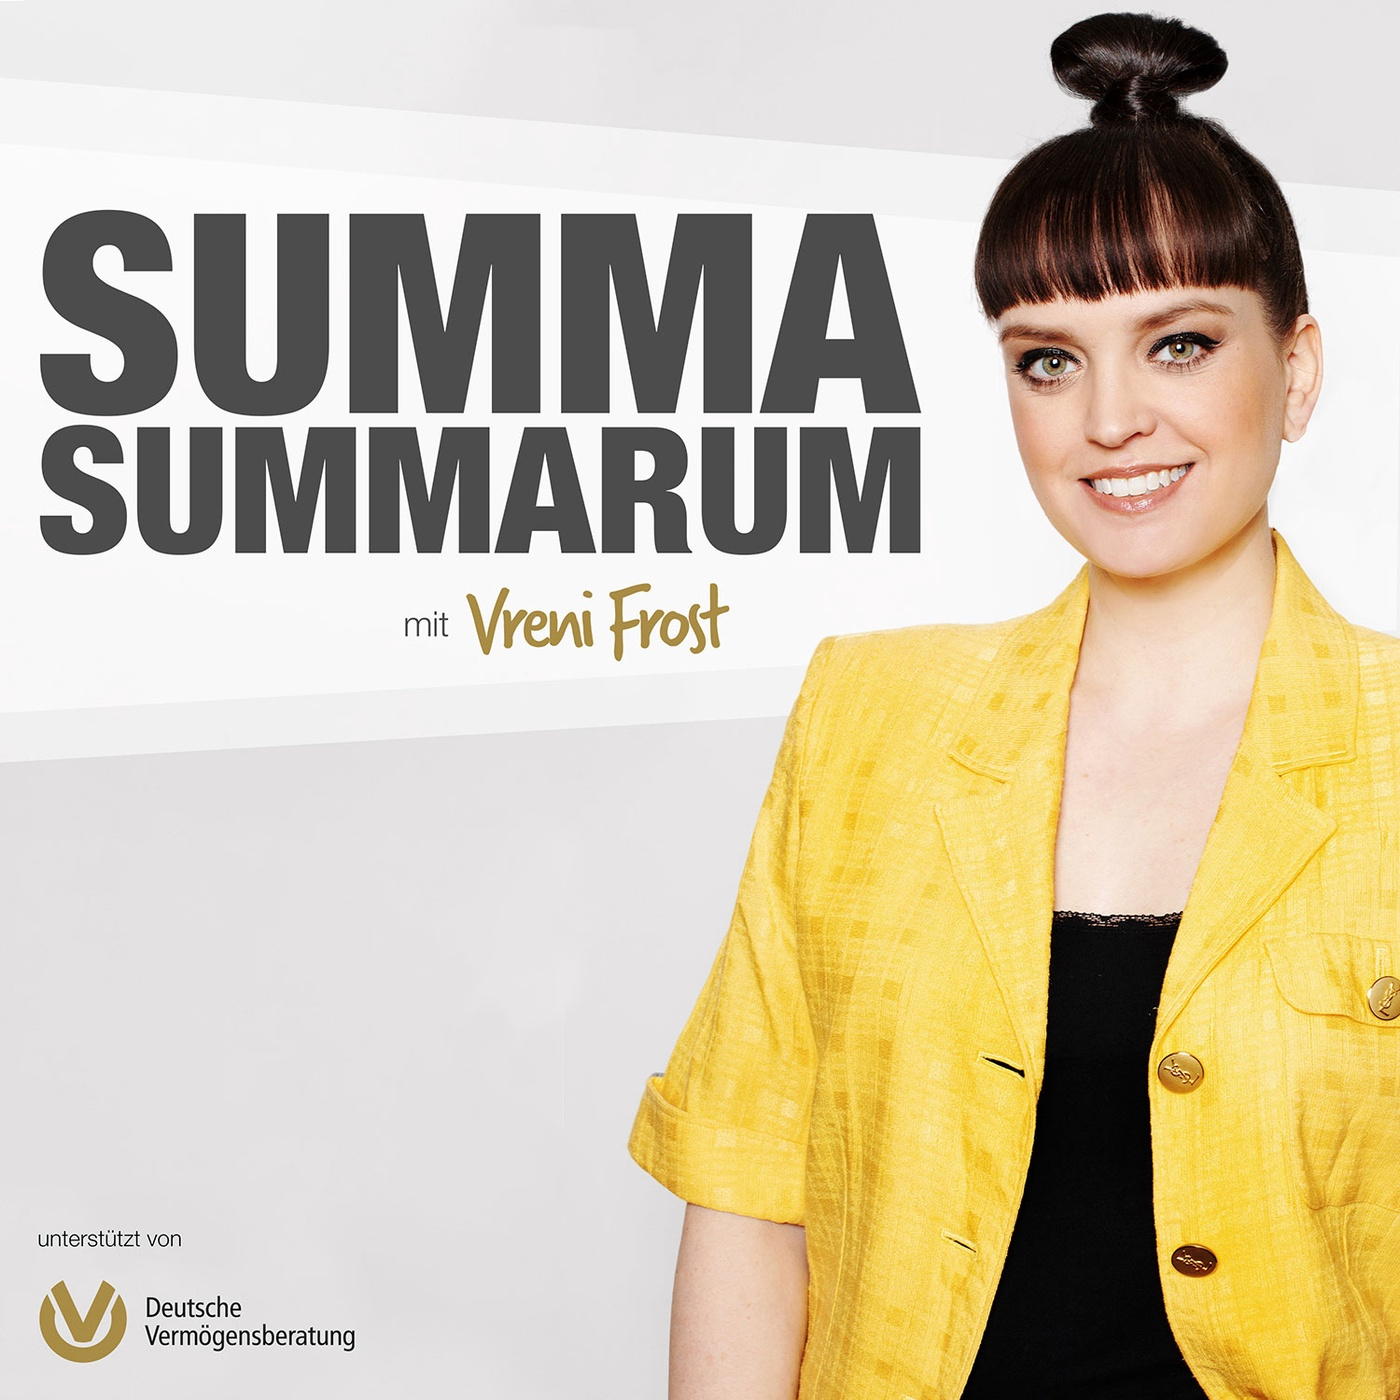 Summa Summarum Finanzen Verstehen Mit Vreni Frost Podcast